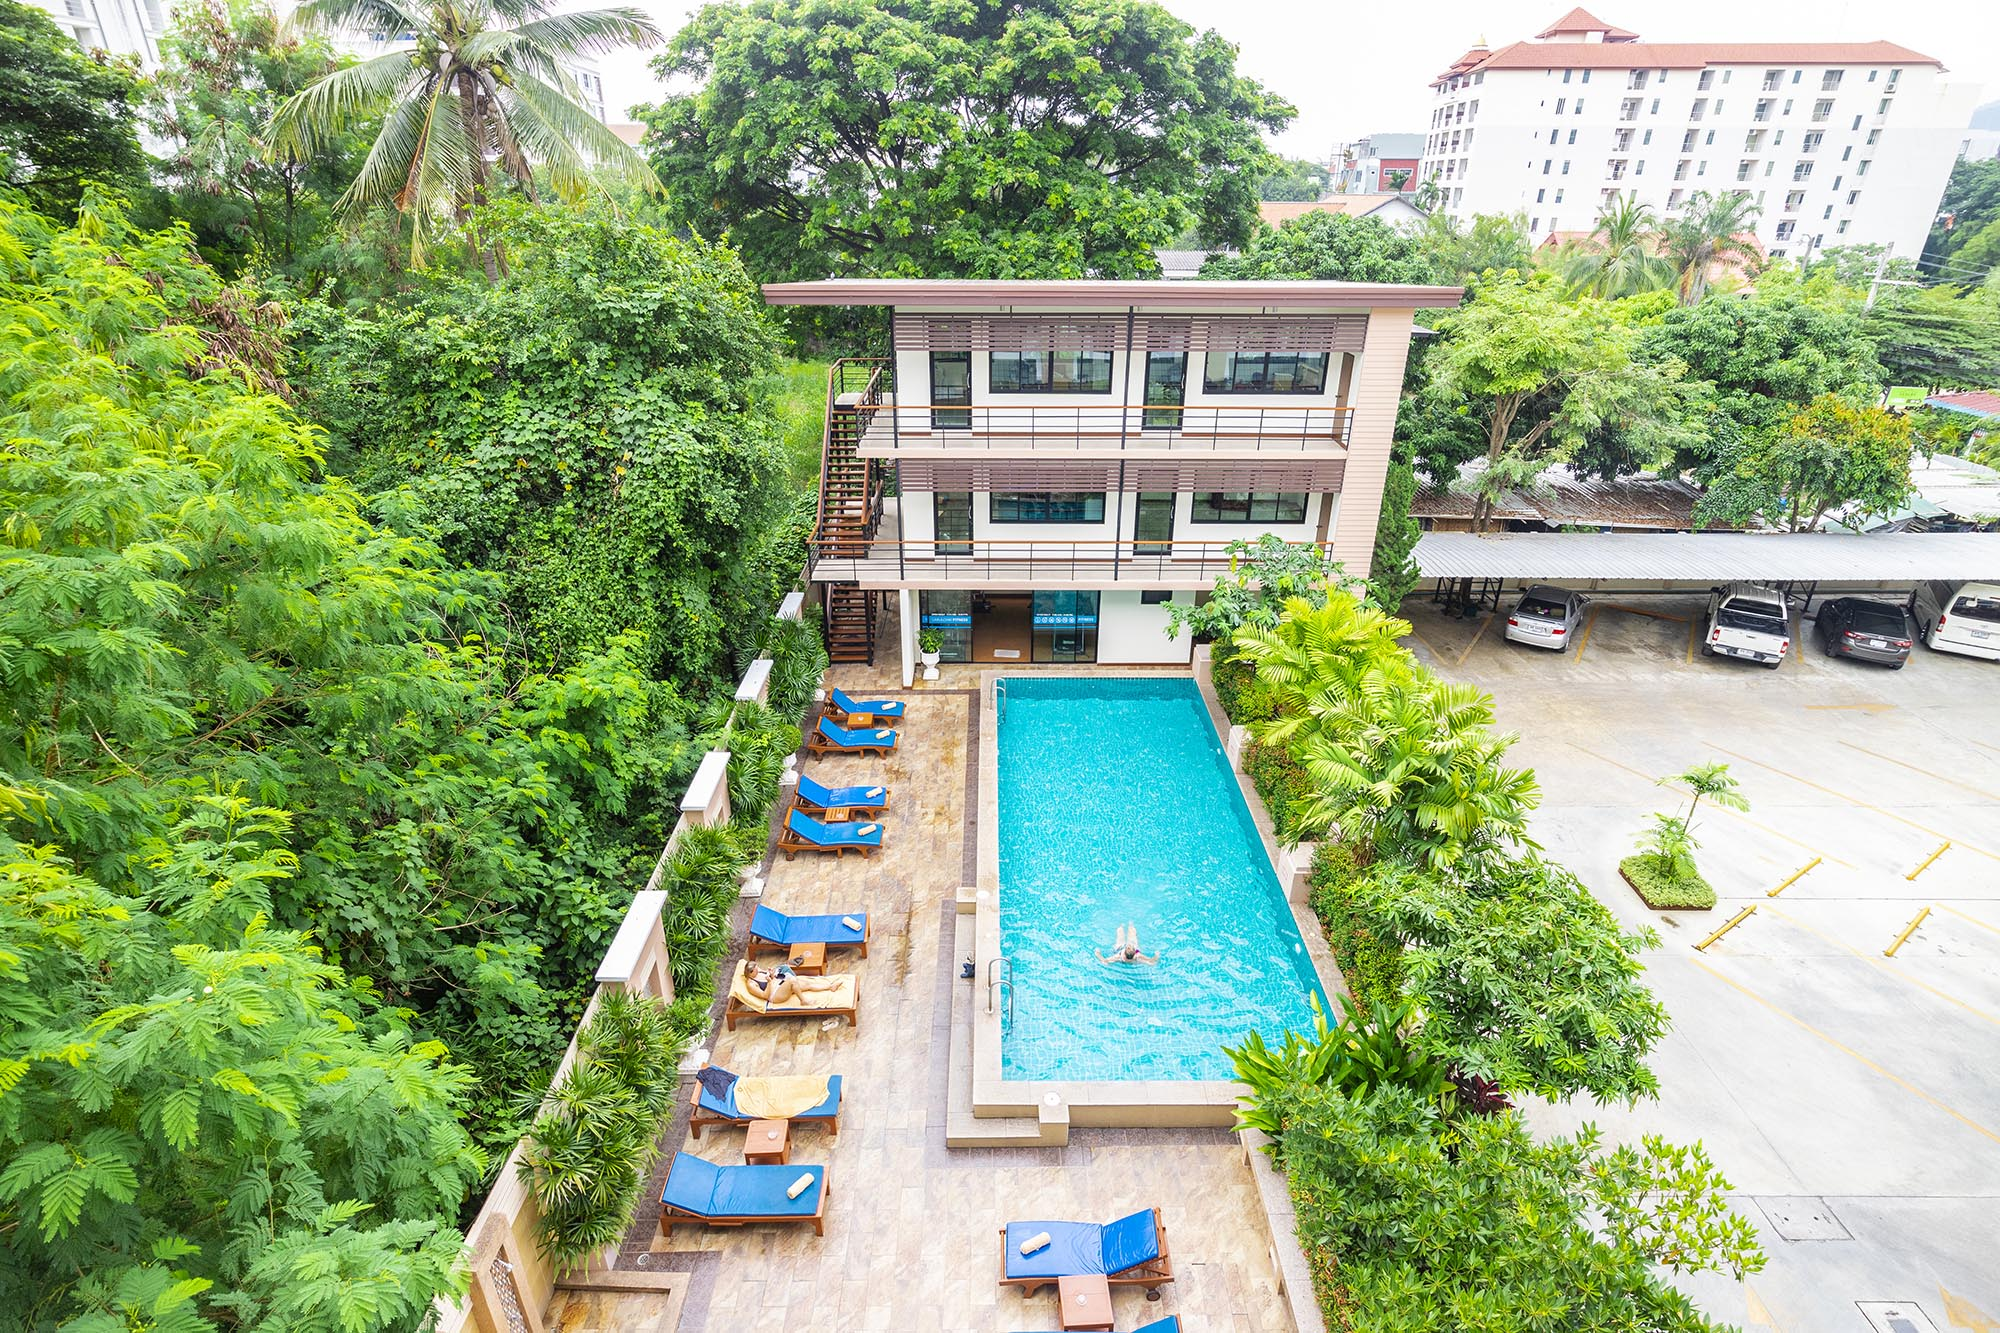 โรงแรมสกุลชัย เพลส โรงแรมฮาลาล เชียงใหม่  โรงแรมสกุลชัย เพลส เชียงใหม่ ห้องพักสะอาด ราคาหลักร้อย IMG 3633